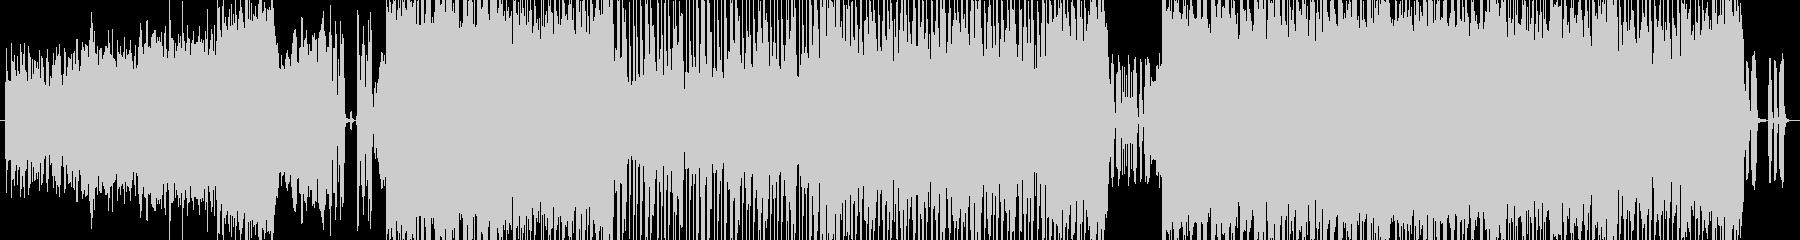 オーケストレーションがメインのロック調の未再生の波形